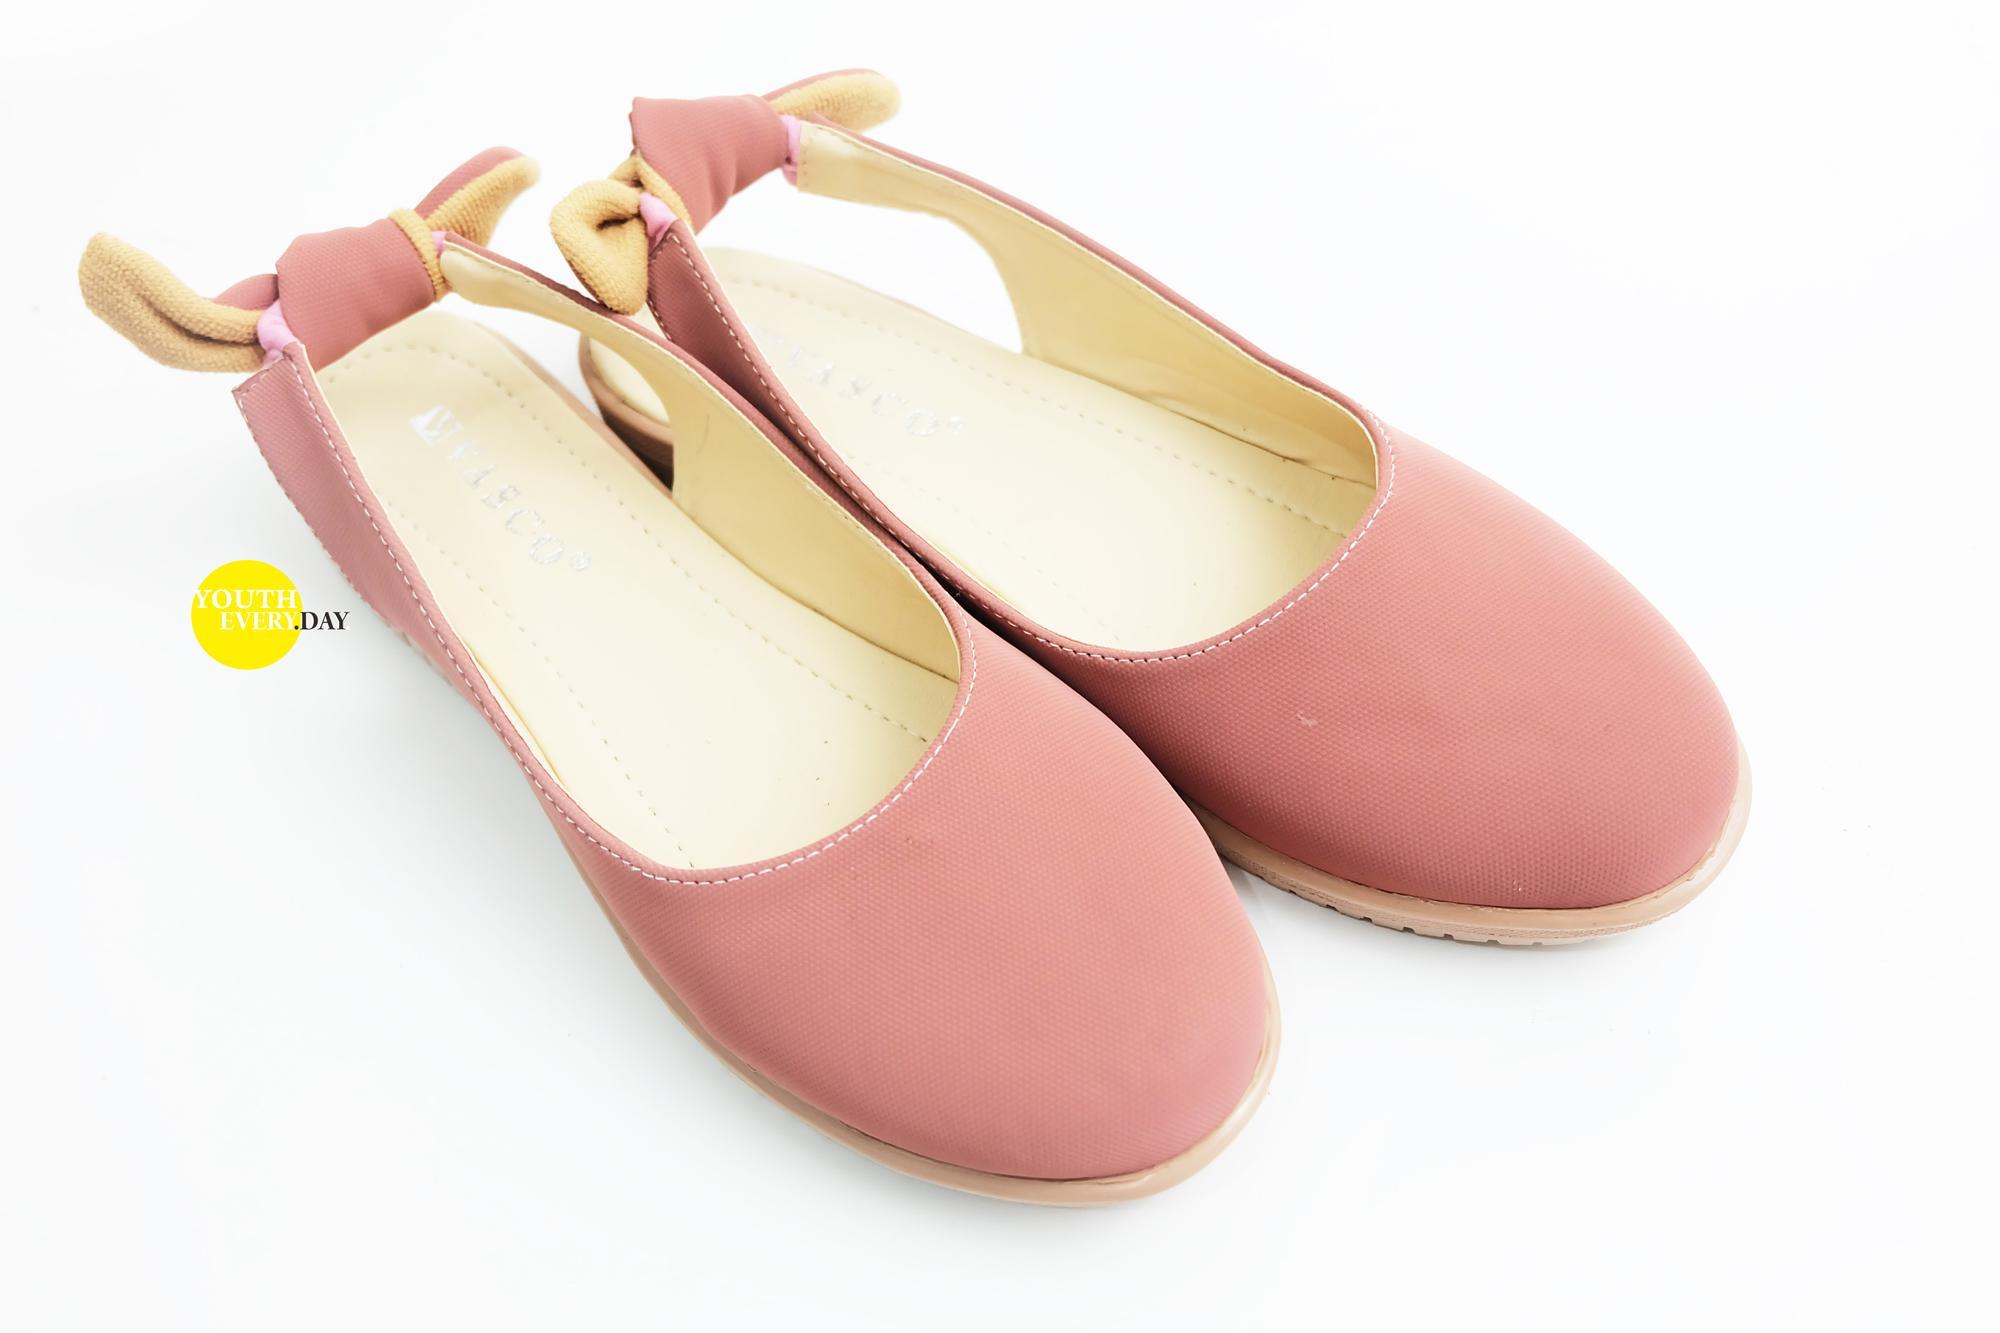 Sepatu Wanita Flatshoes Flat Shoes Merk Vasco Motif Pita Belakang